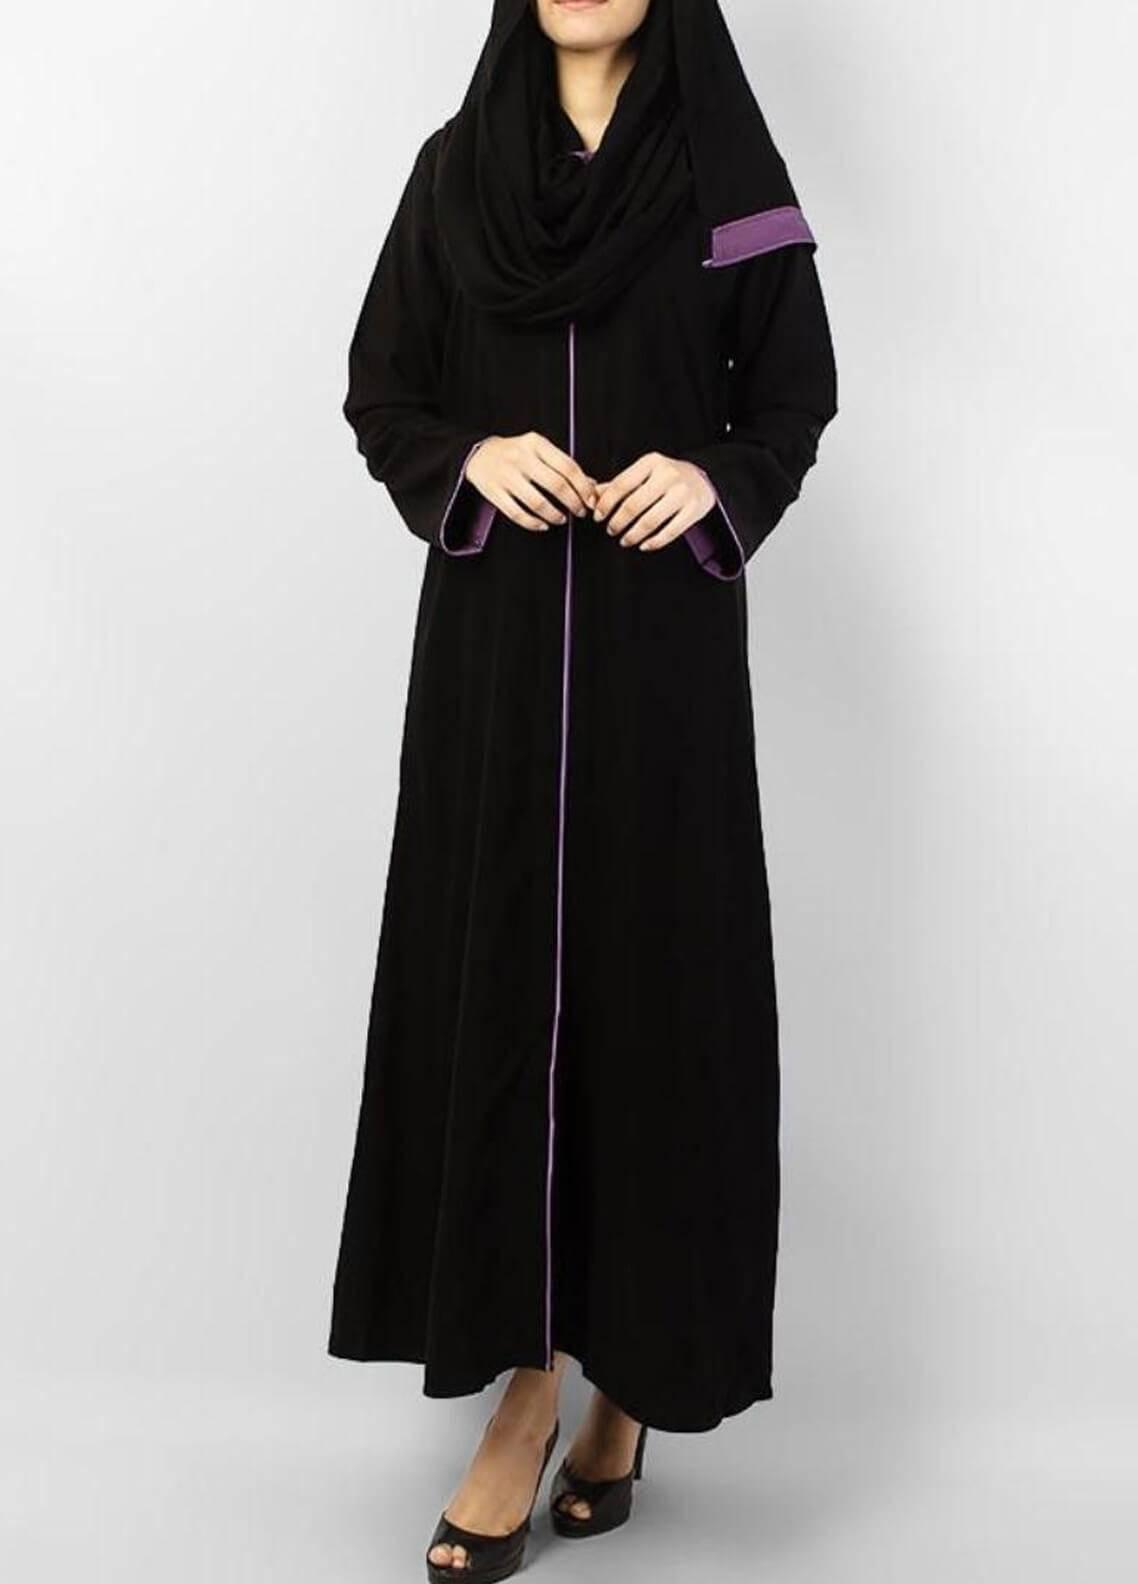 Hijab ul Hareem  Abayas Colored Pipin Work Stylish Abaya 0116-R (1)